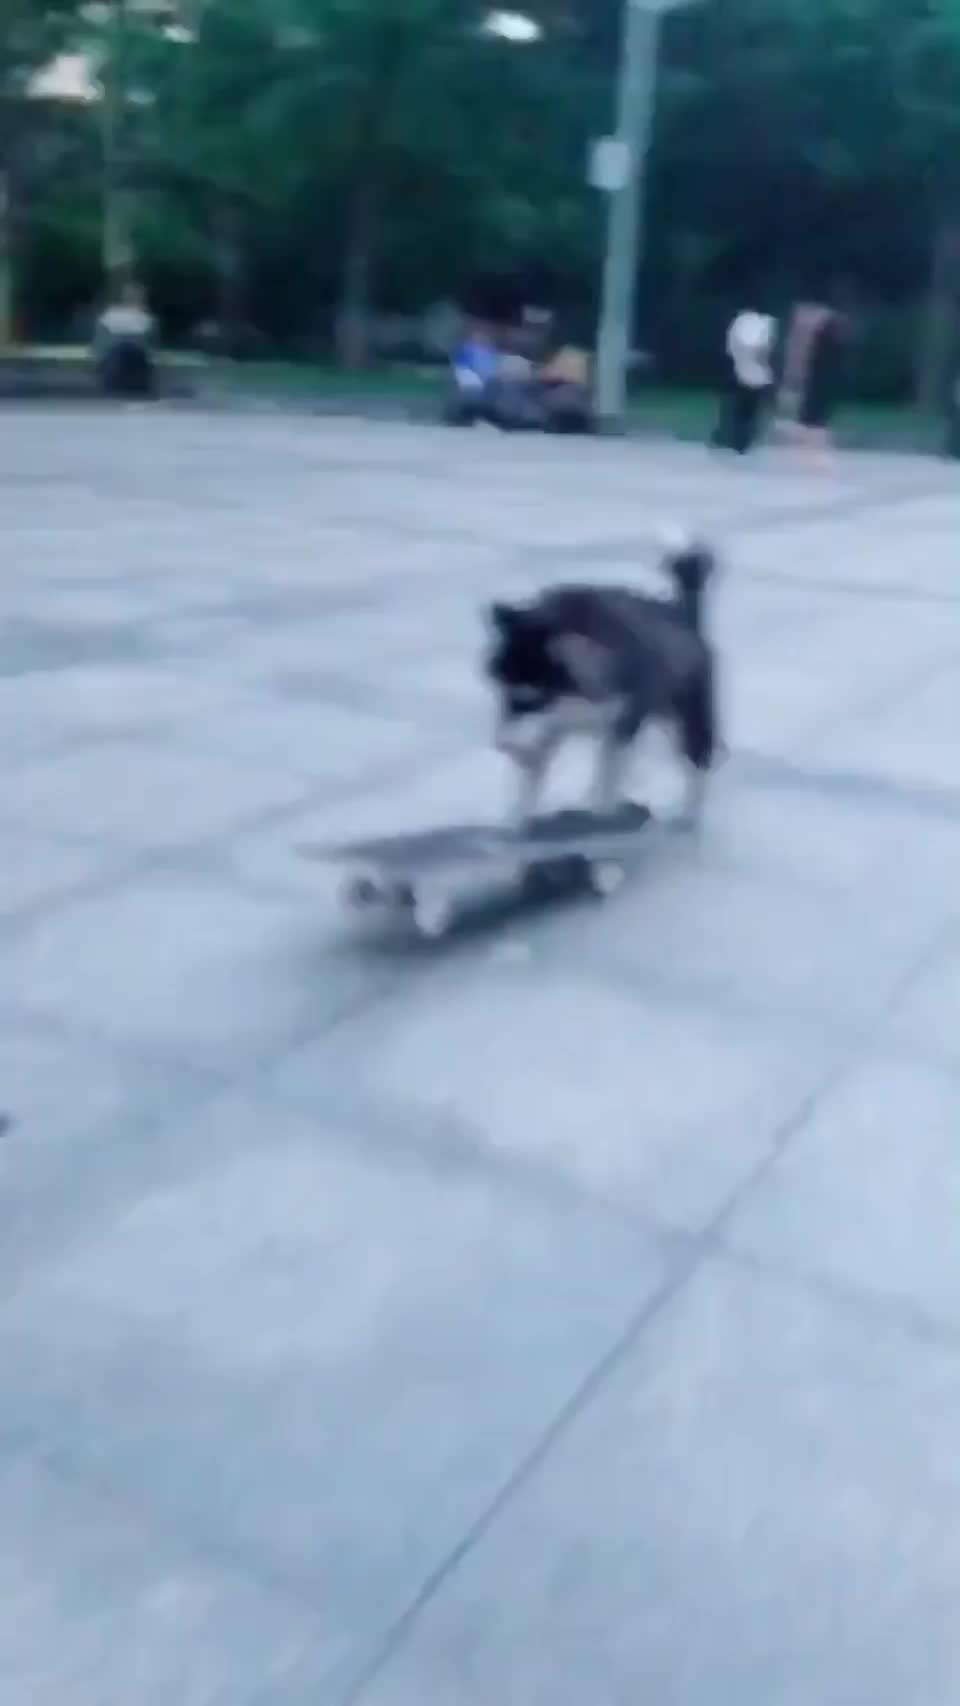 Skateboarding dog. GIFs